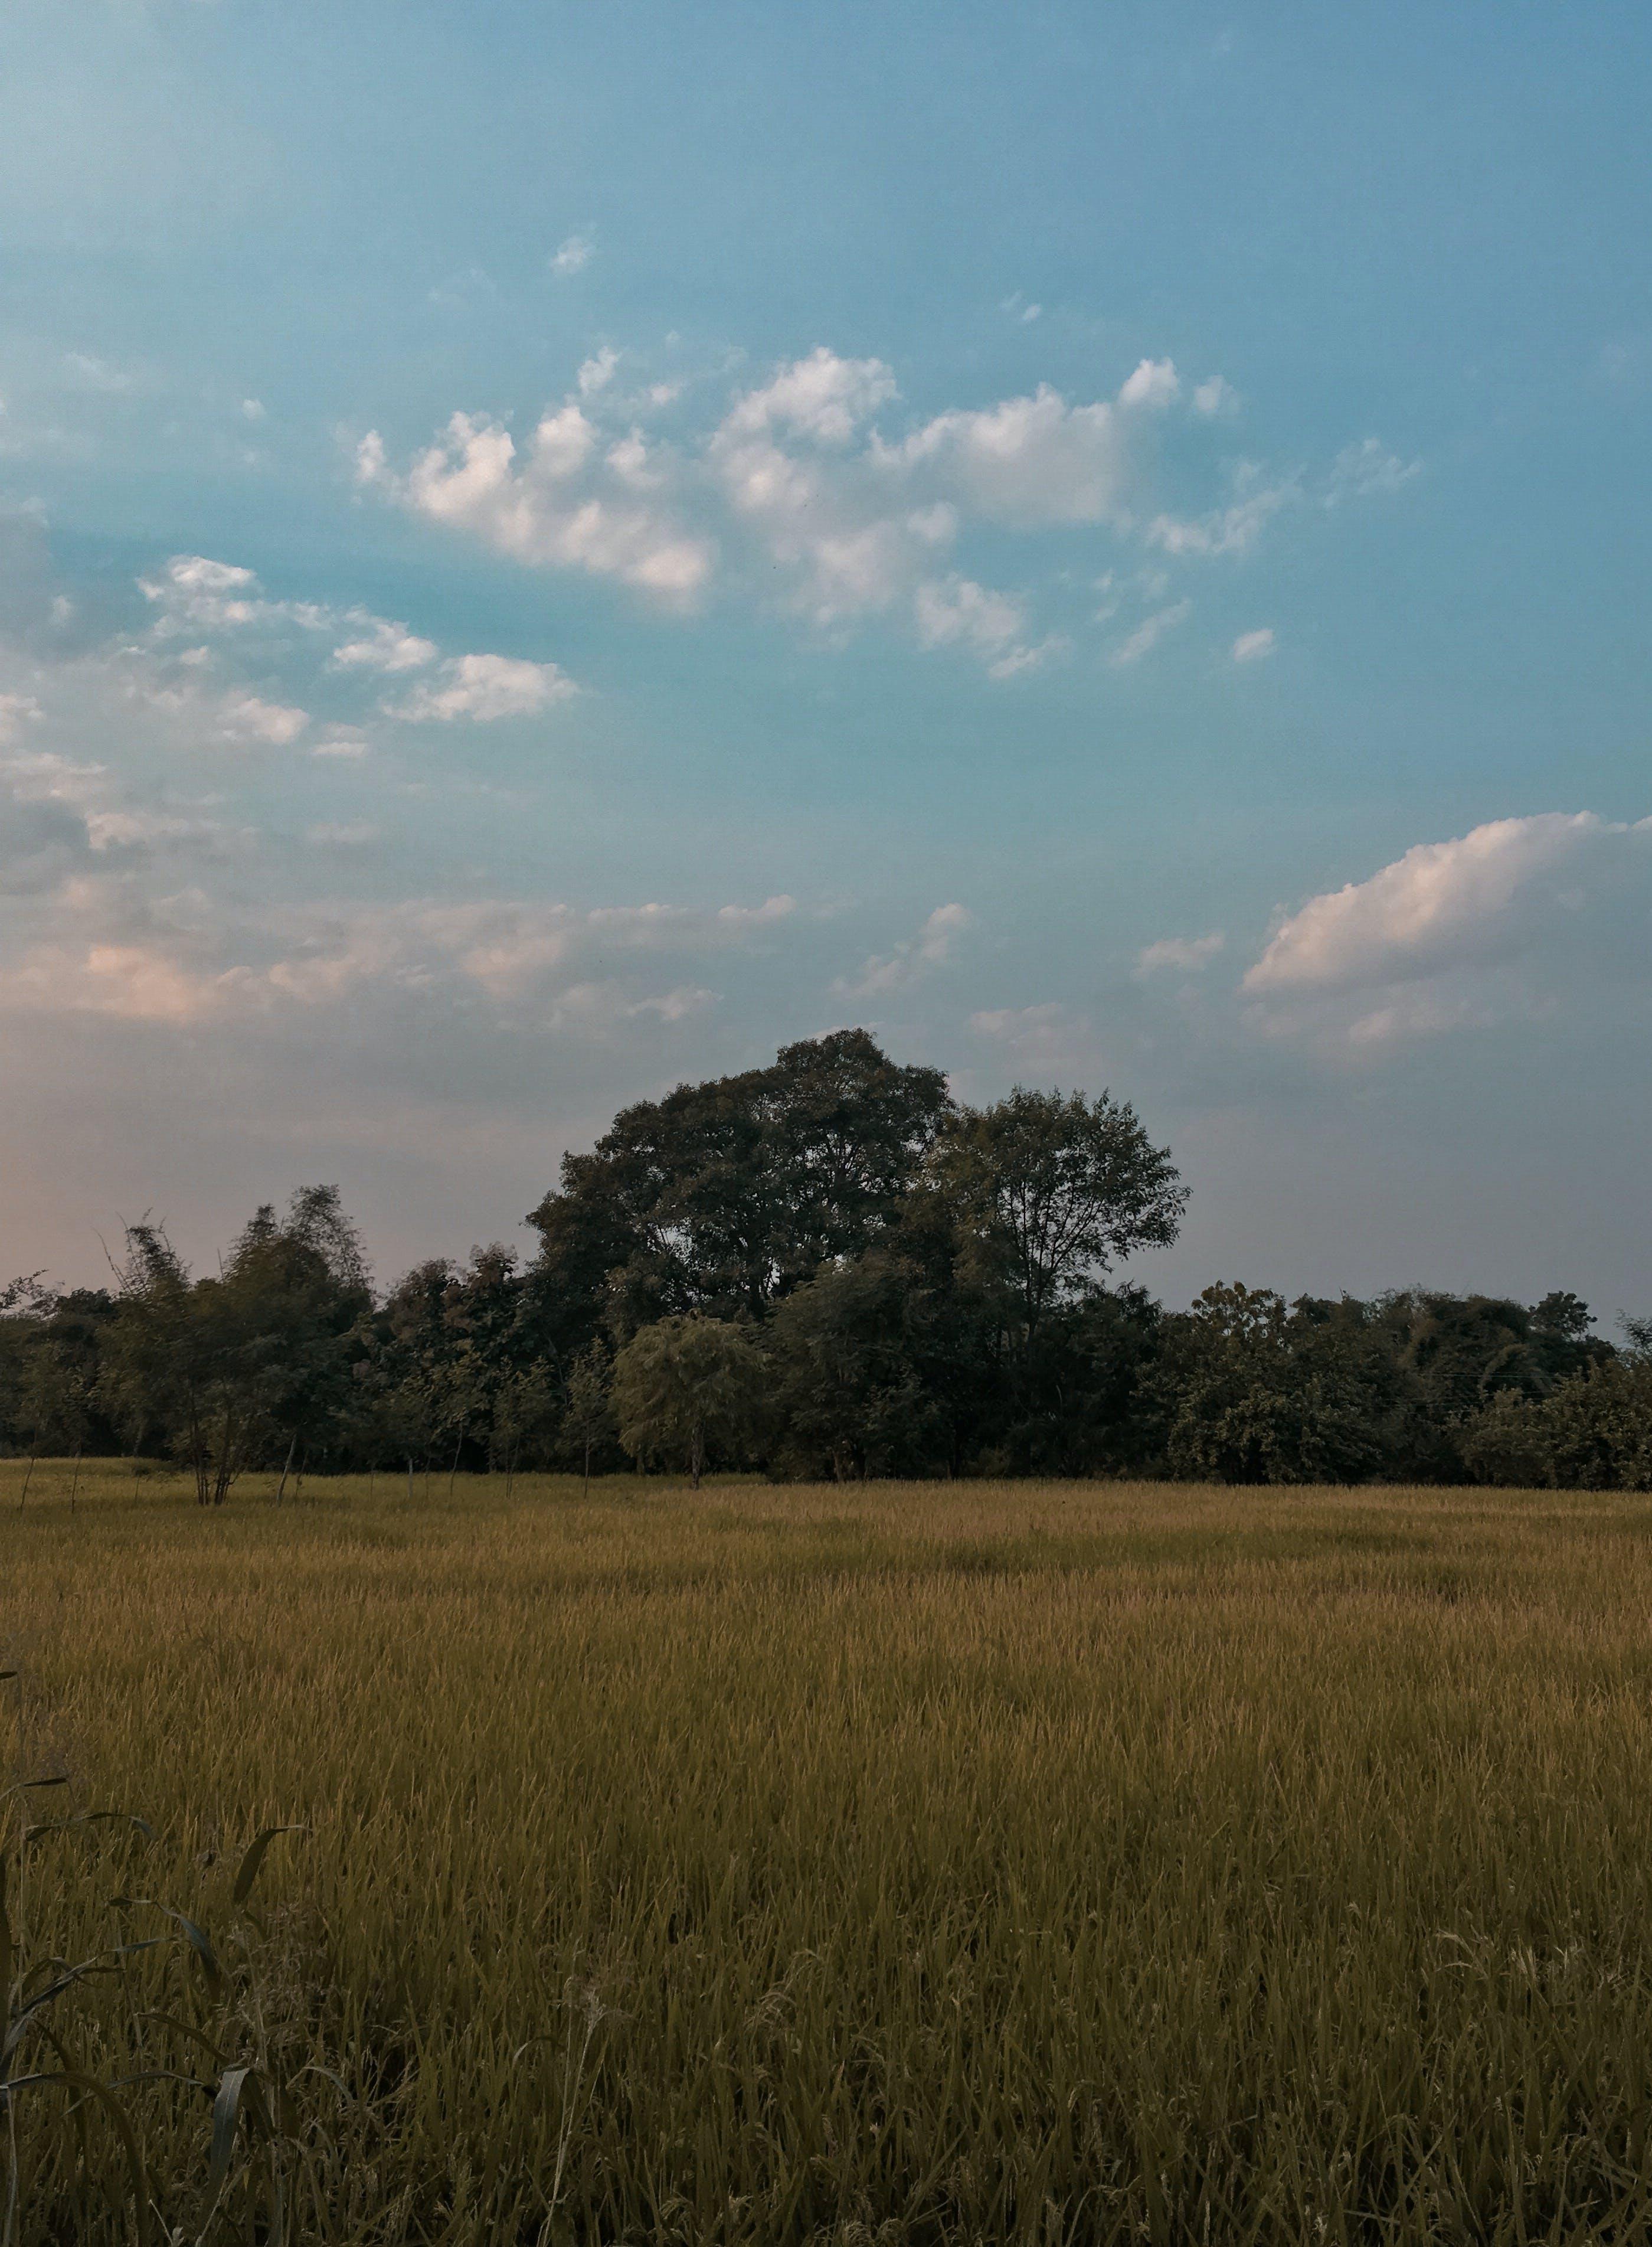 Δωρεάν στοκ φωτογραφιών με αγρόκτημα, δέντρο, τοπίο